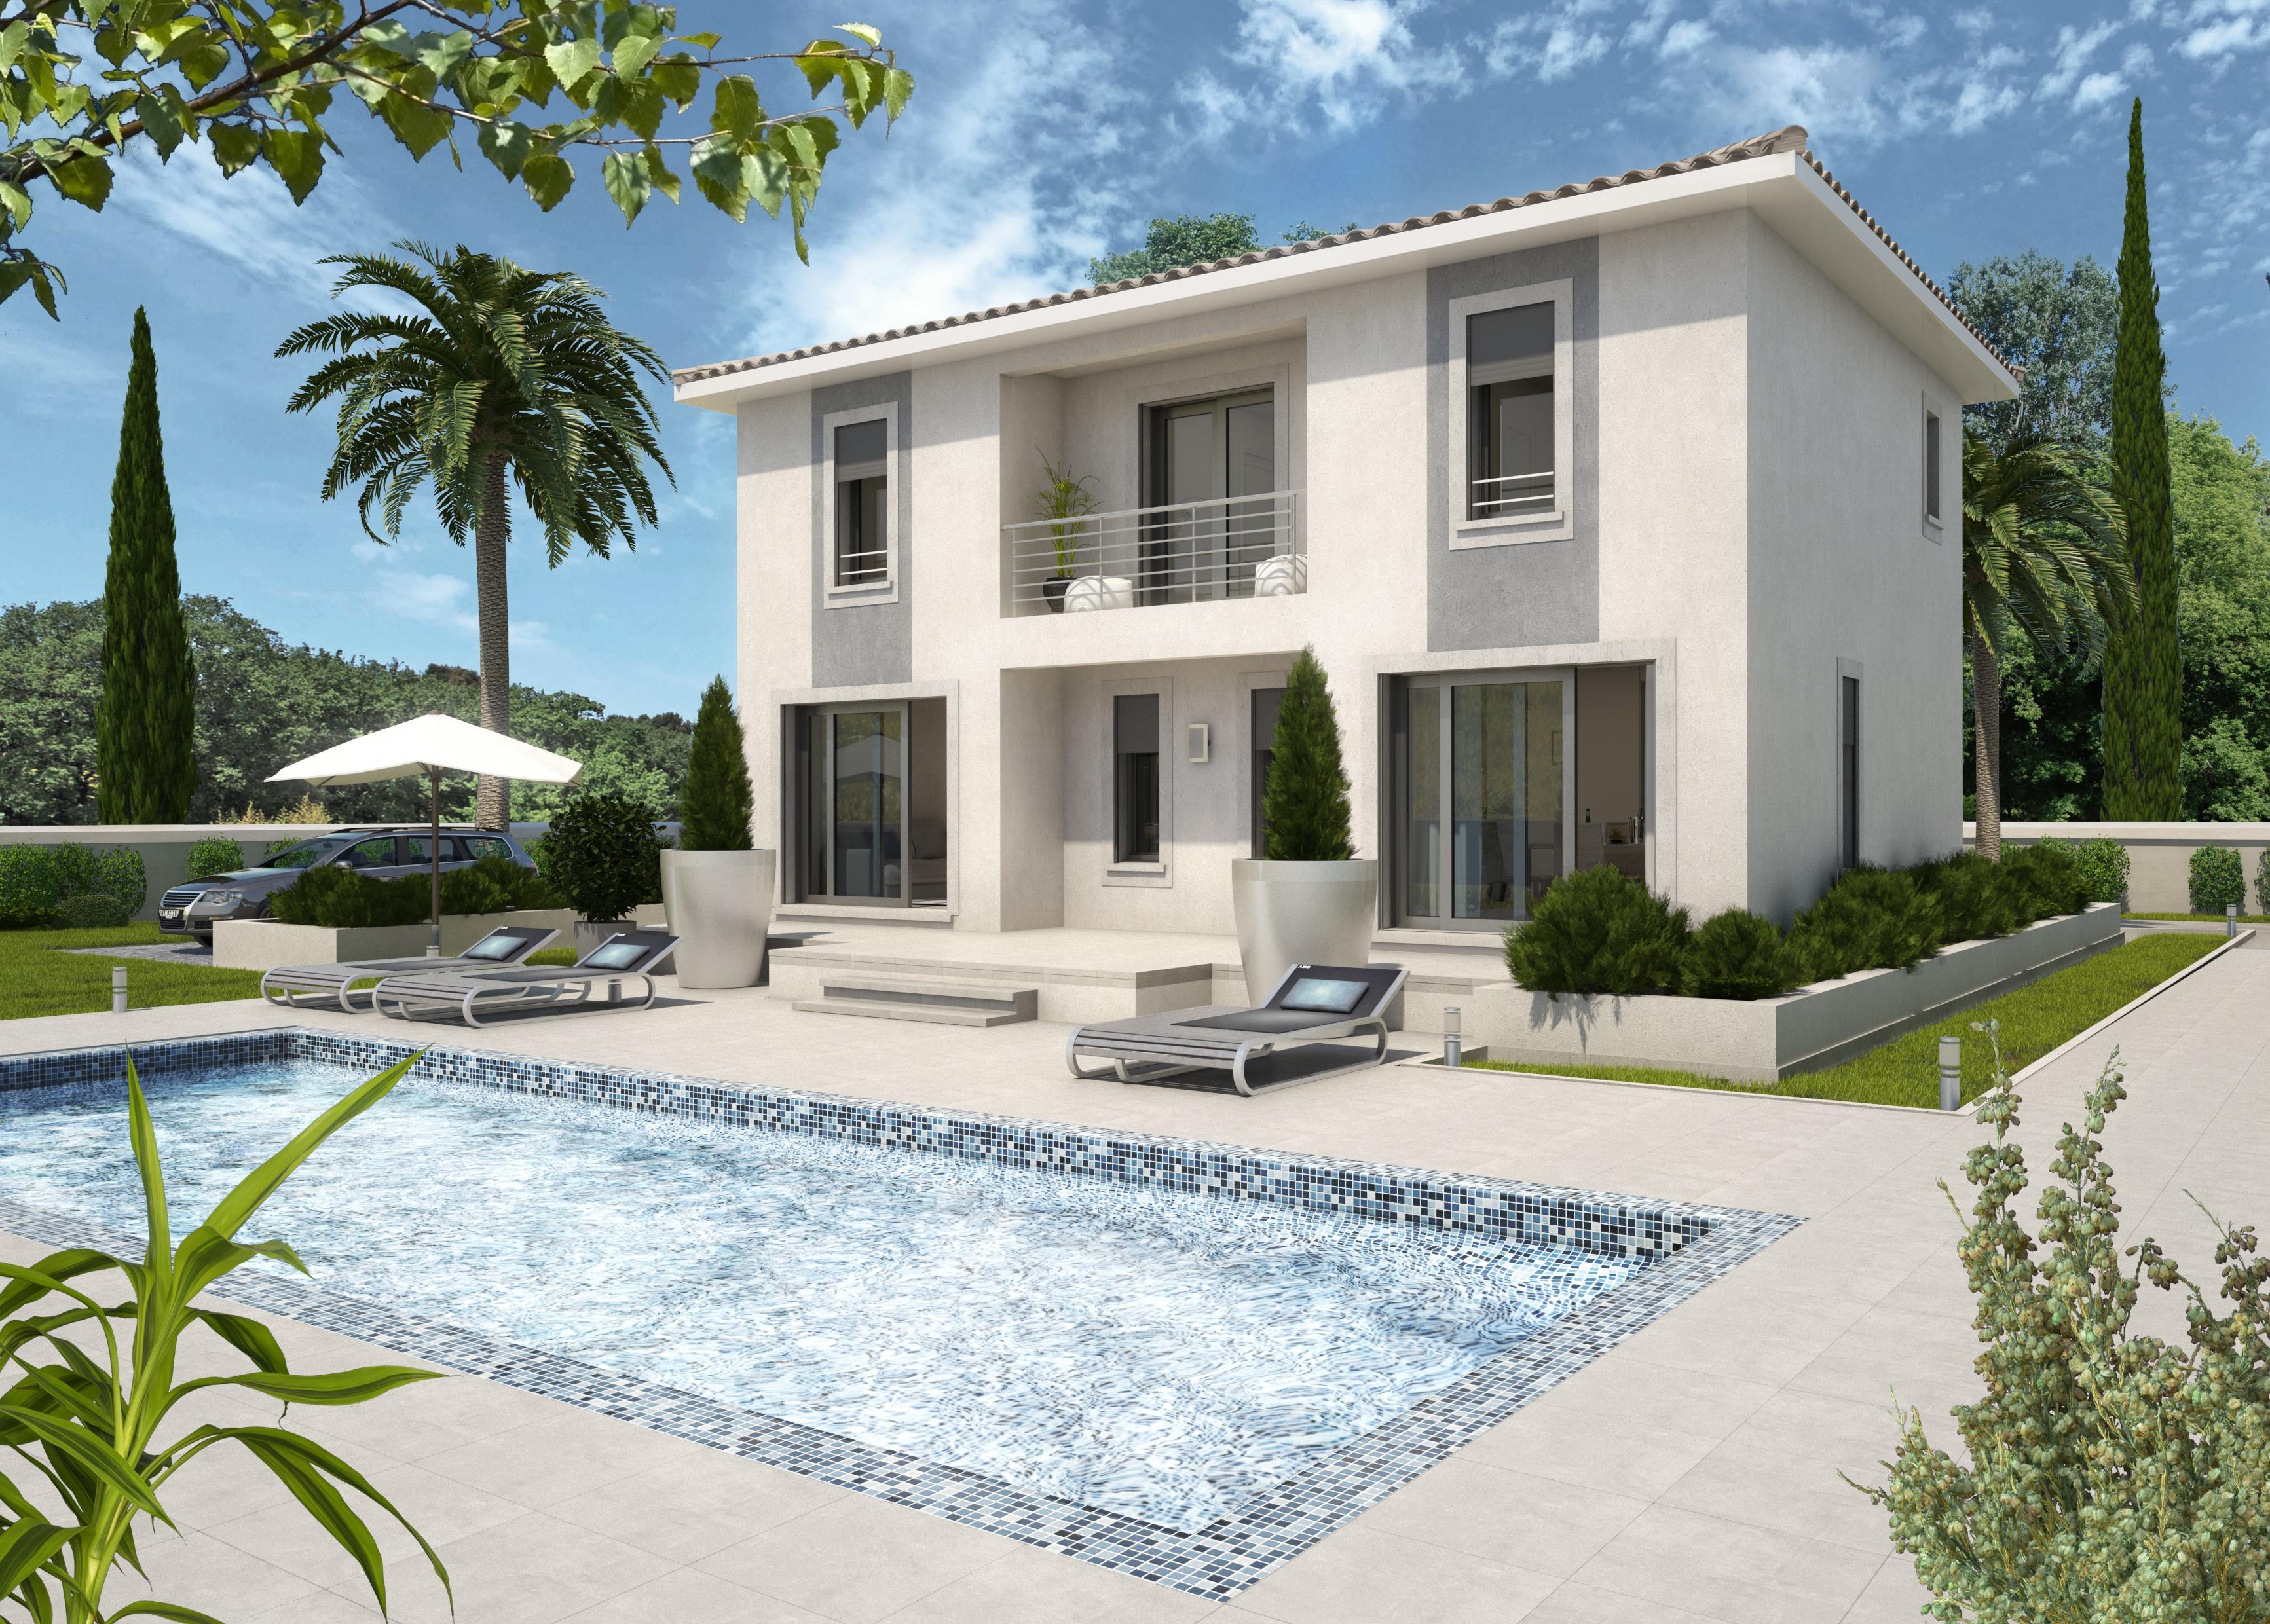 Maisons + Terrains du constructeur ART ET TRADITIONS MEDITERRANEE • 120 m² • UZES